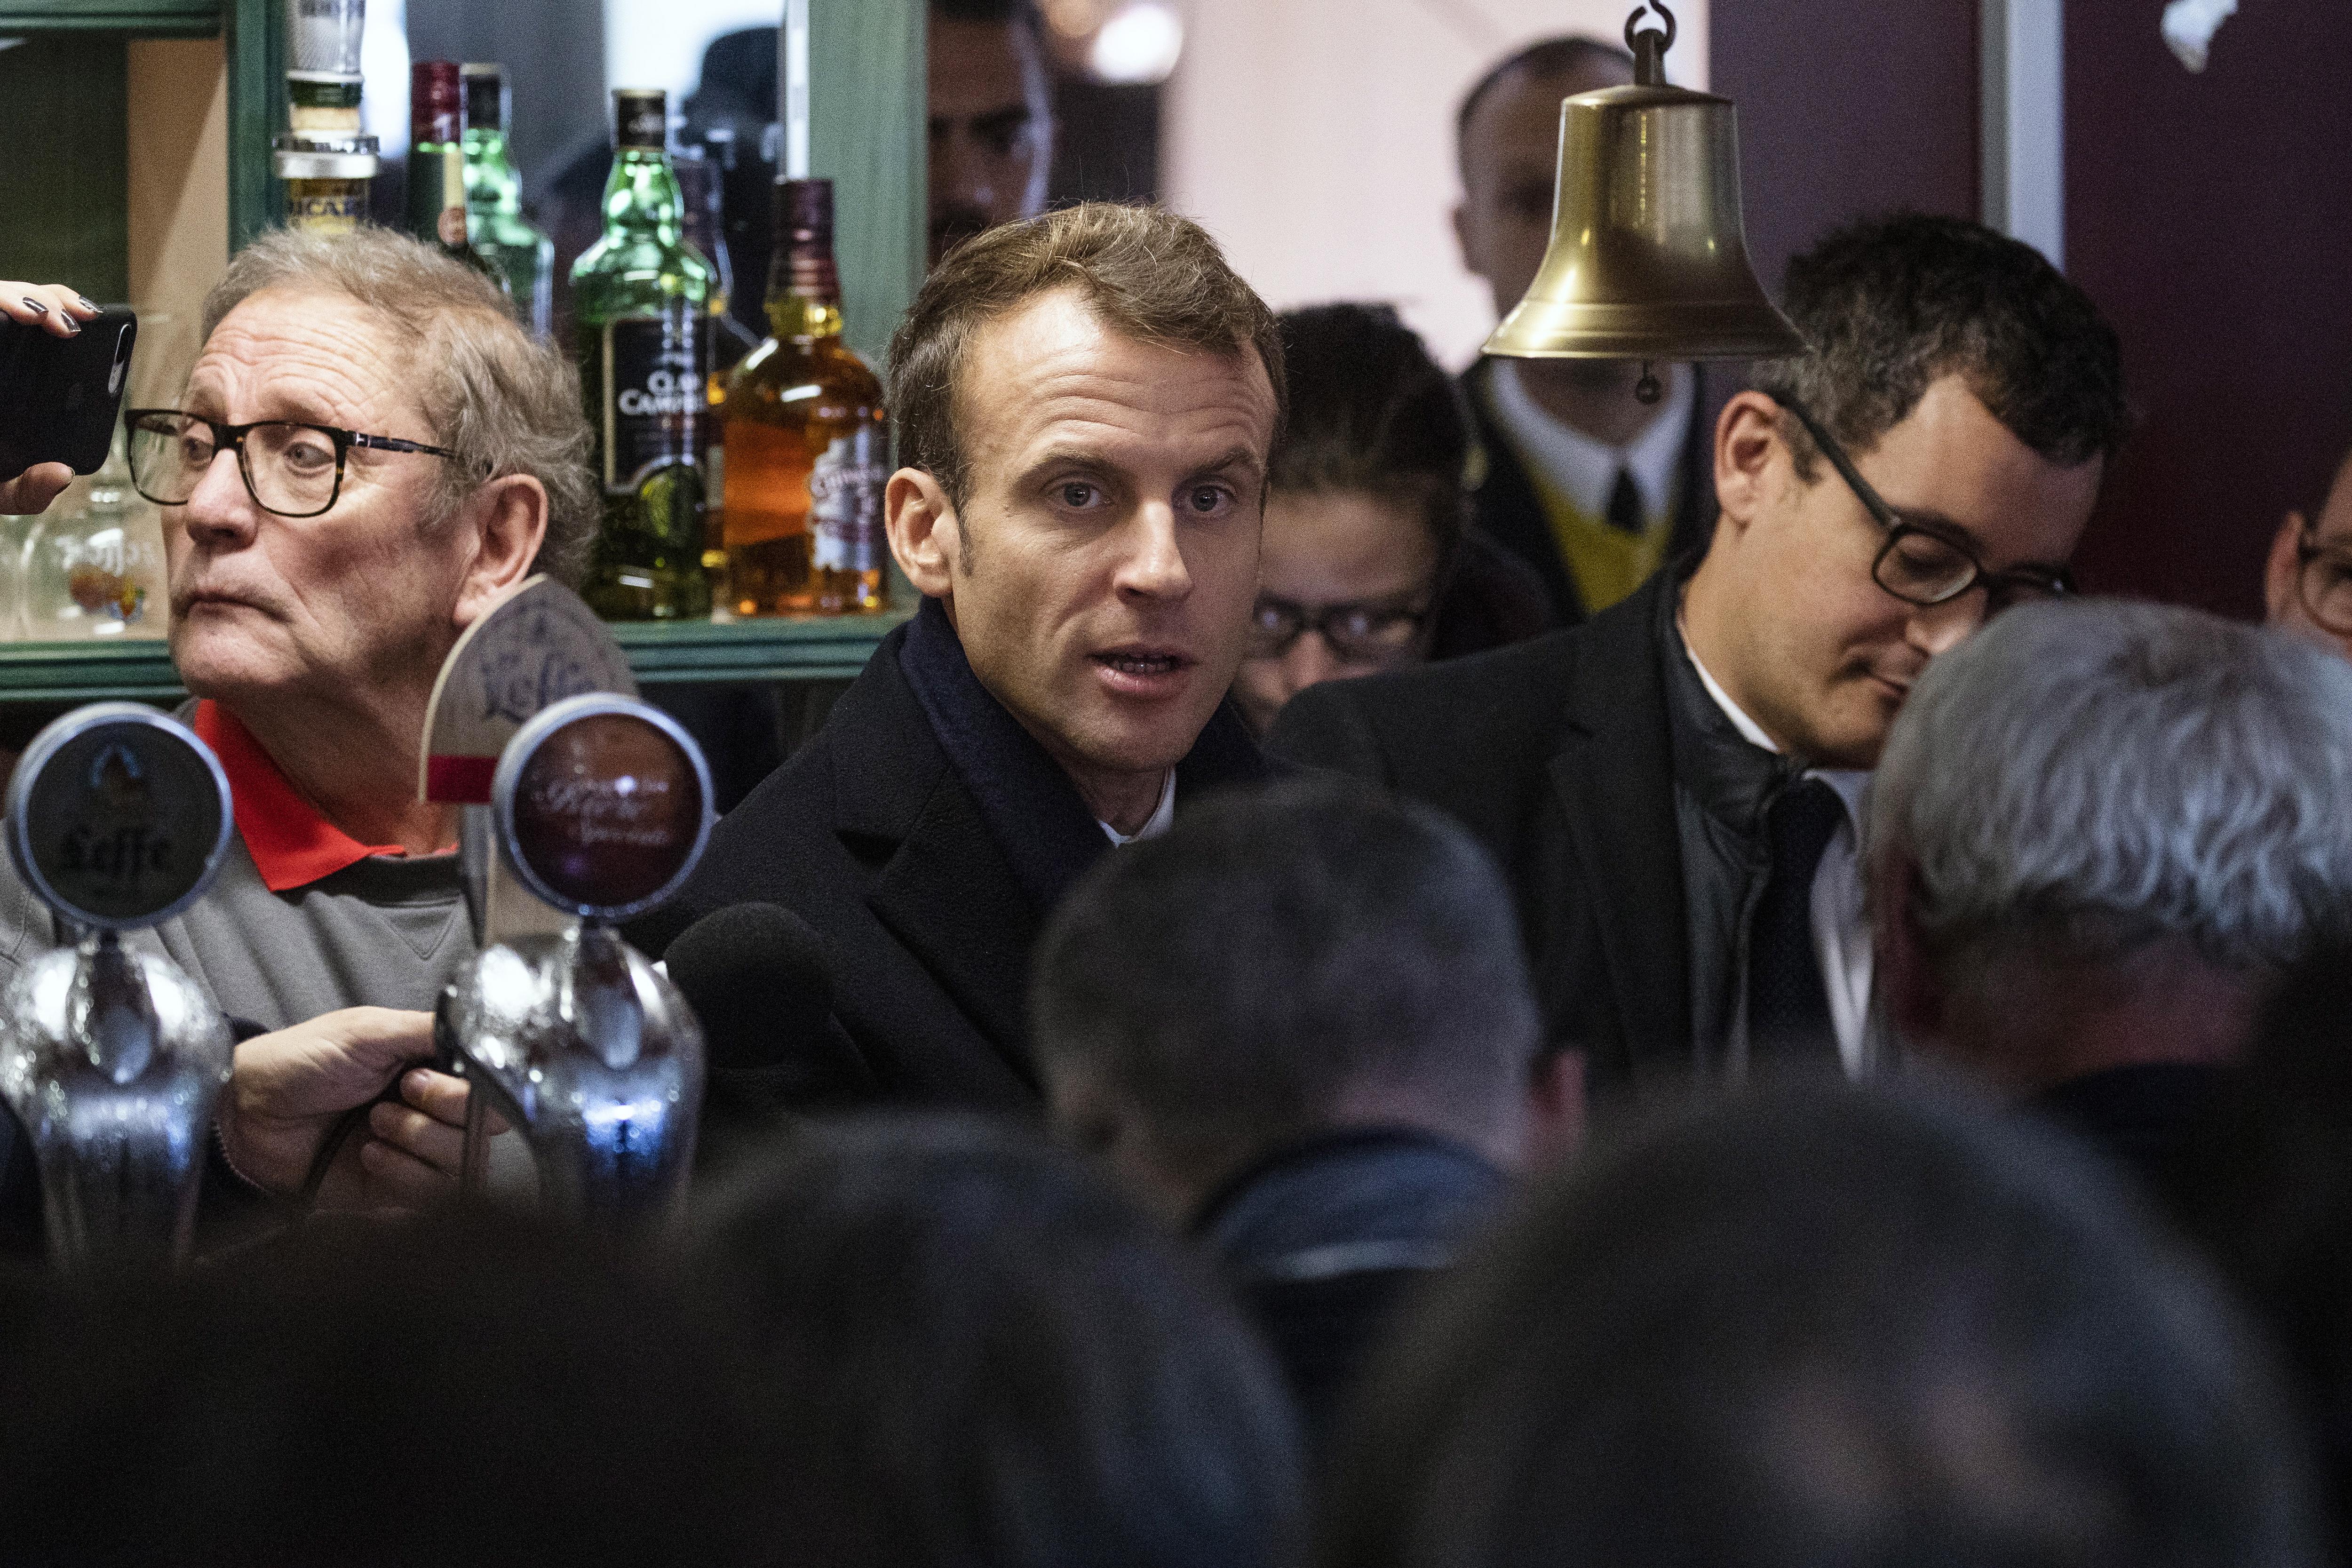 Francuski gradonačelnici će biti informirani o radikalnom islamizmu